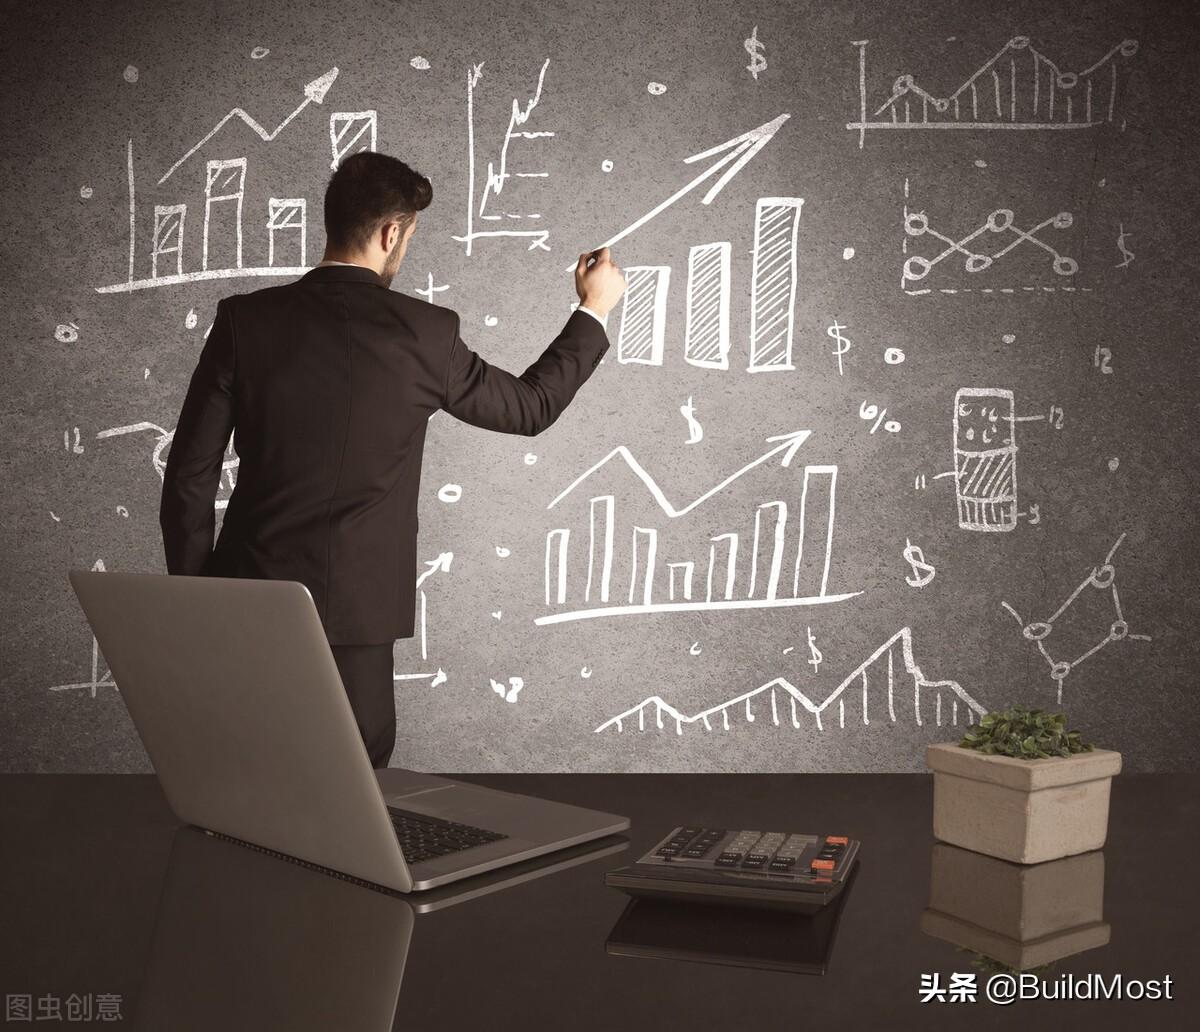 外贸干货│30 种有效的 B2B 销售技巧,建议收藏